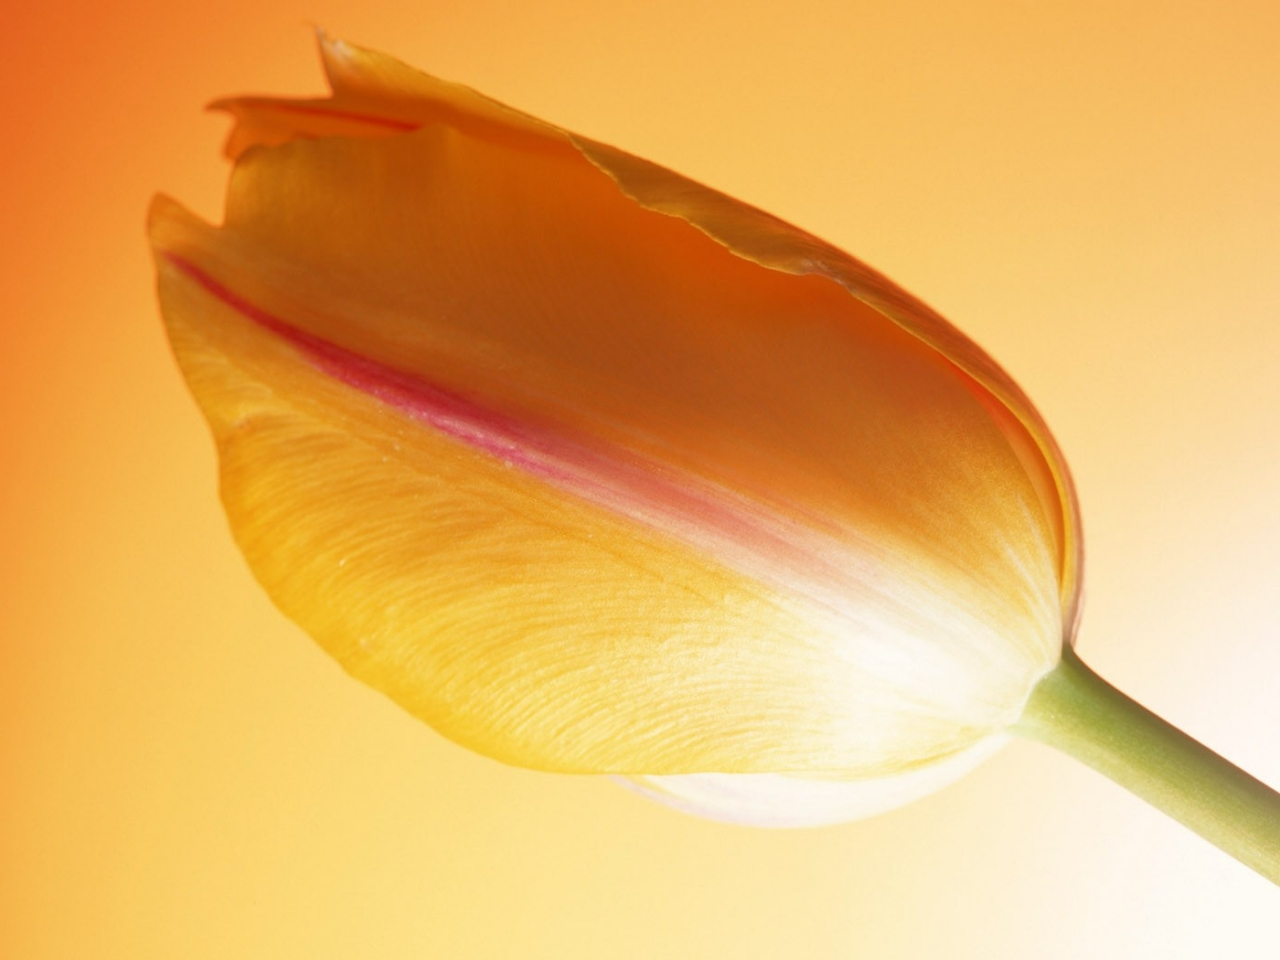 Una flor tulipan naranja - 1280x960